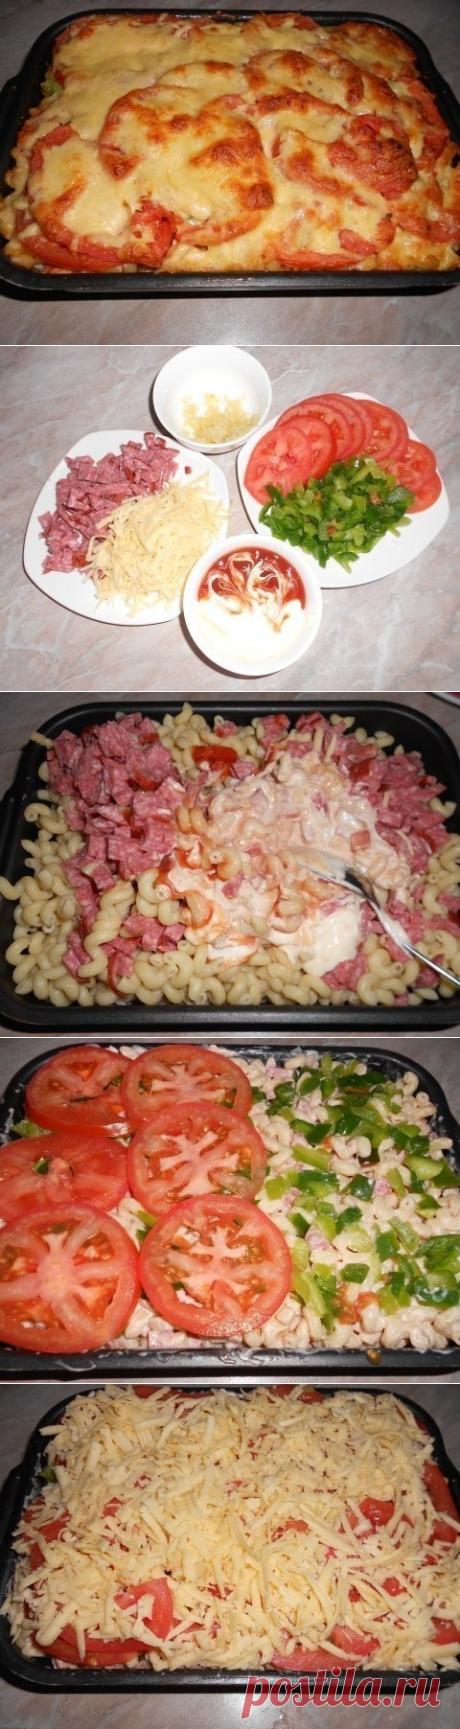 Как приготовить готовим пикантные макароны в духовке. - рецепт, ингредиенты и фотографии